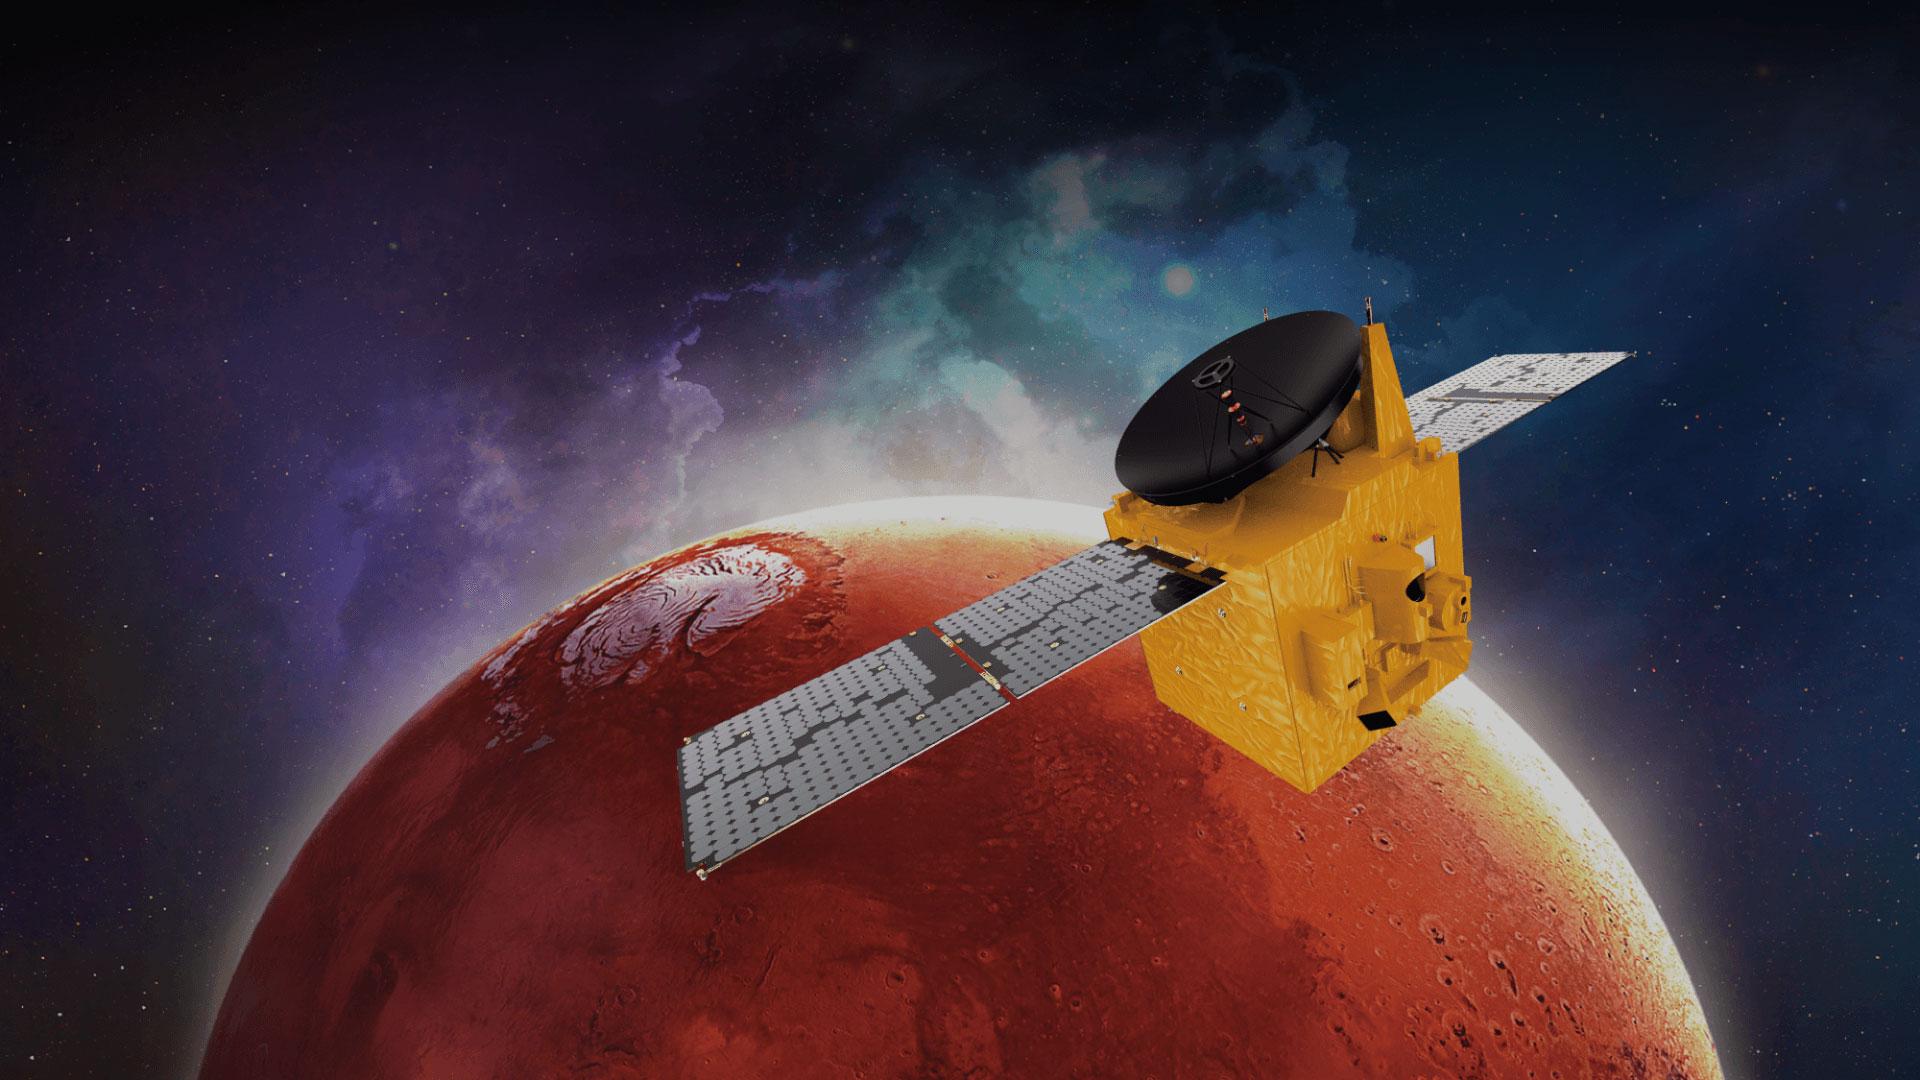 Χαμός από διαστημικά σκάφη στον Άρη